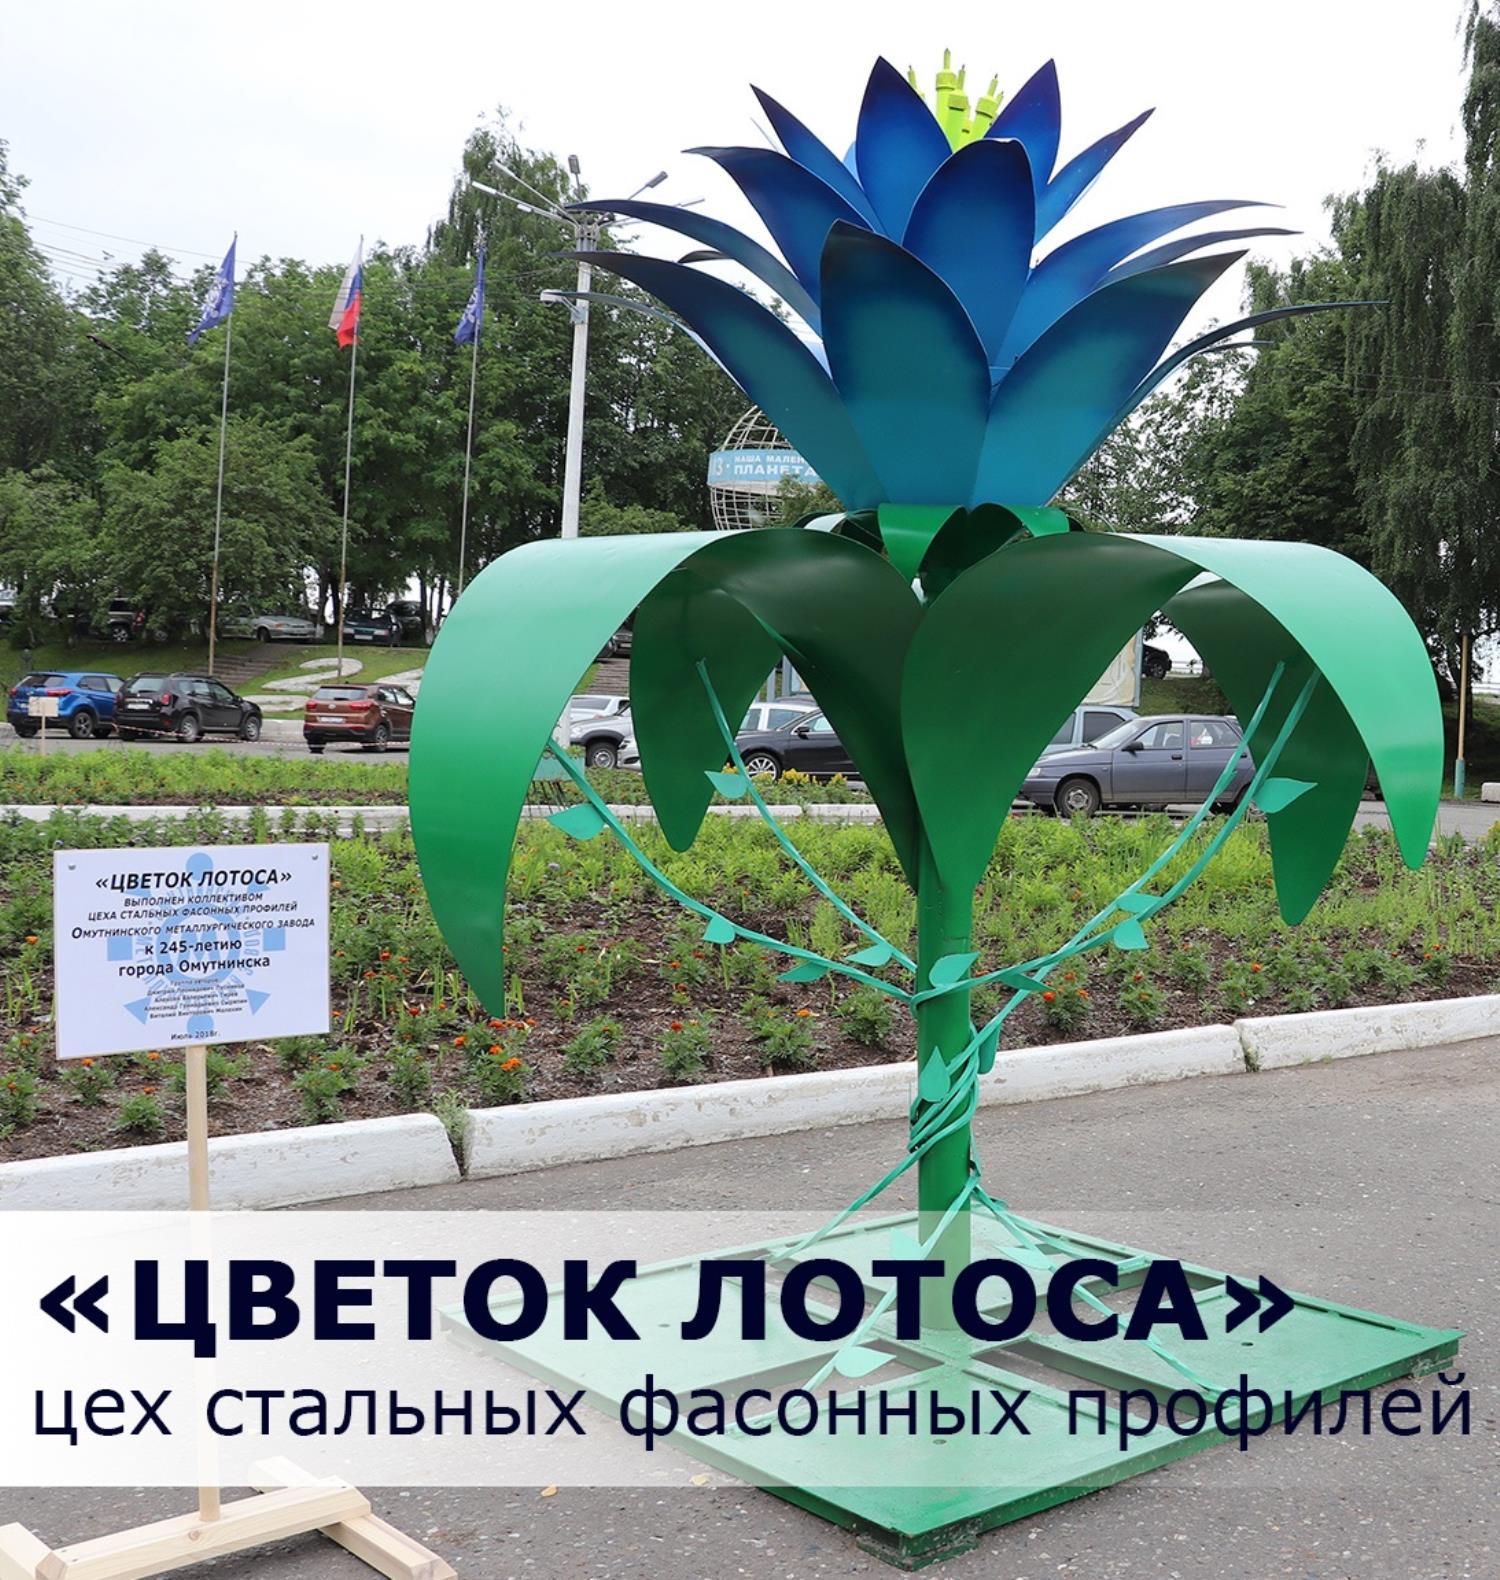 Арт-объект Цветок Лотоса